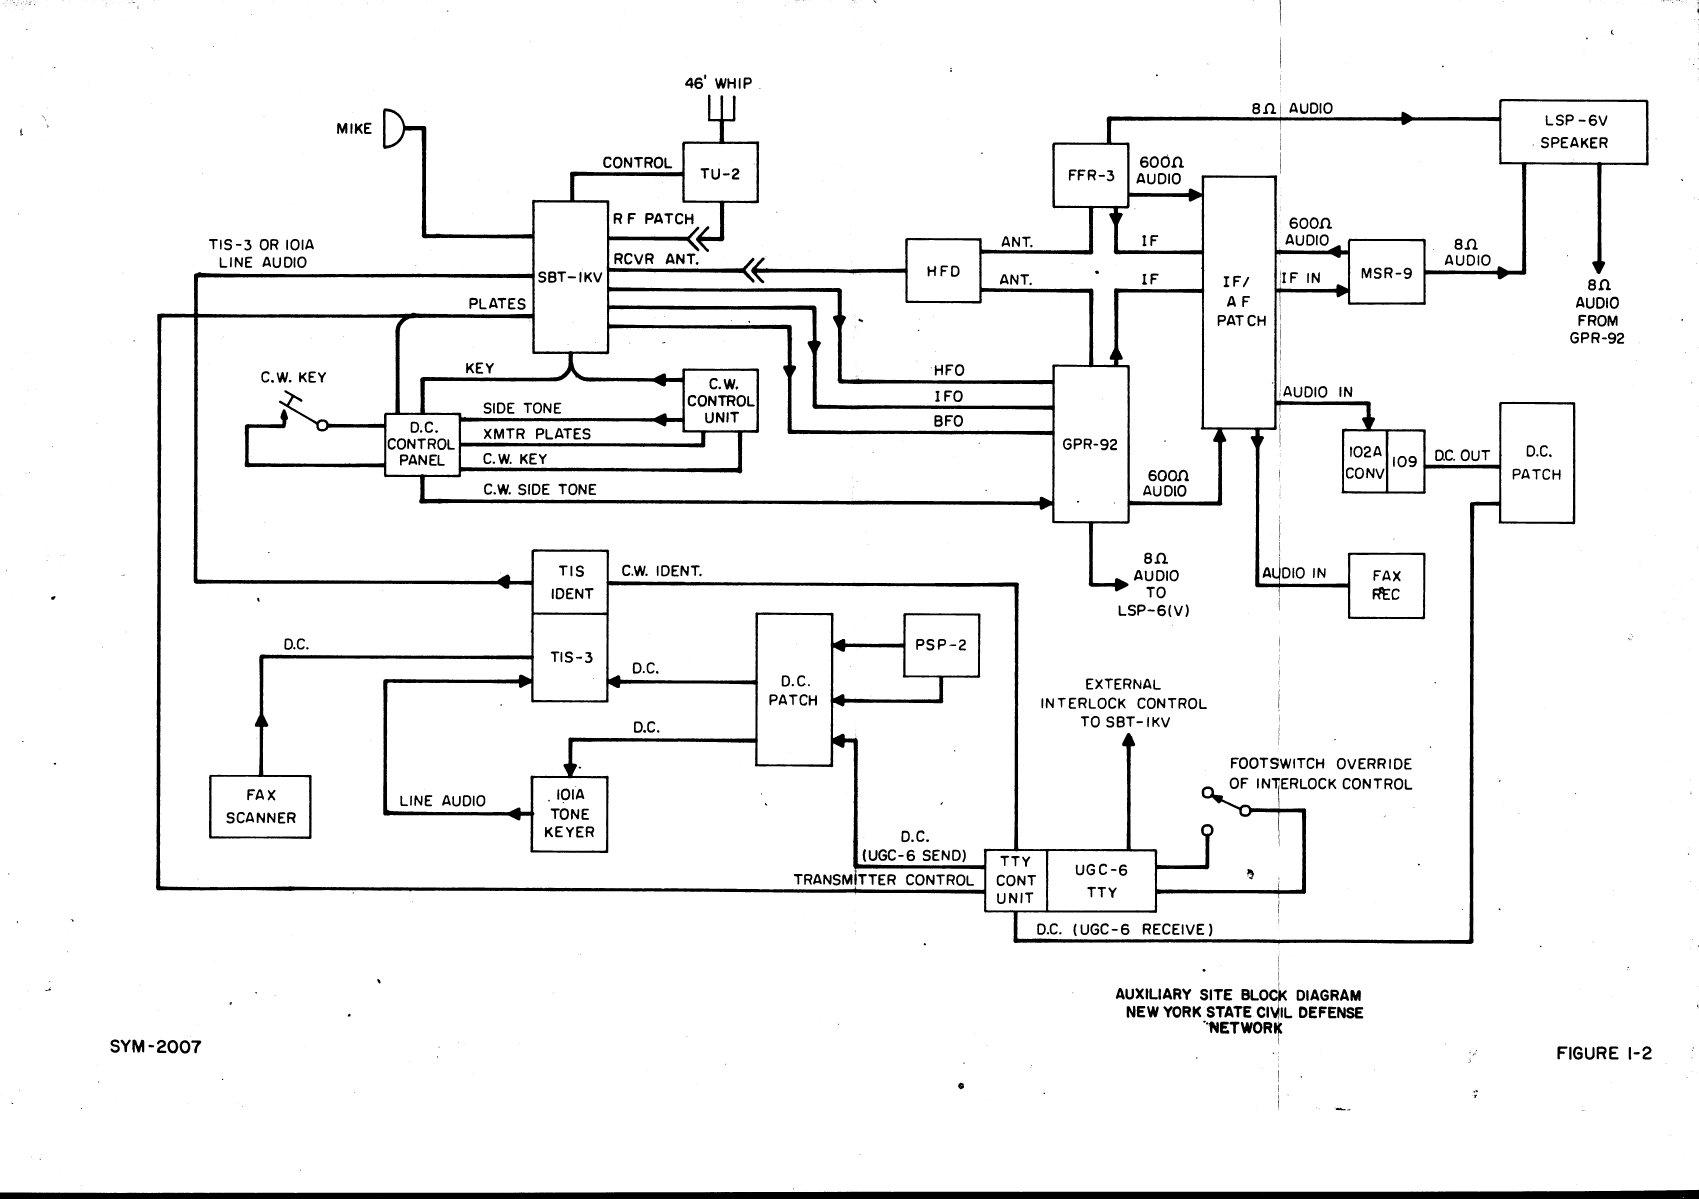 block diagram of gpr